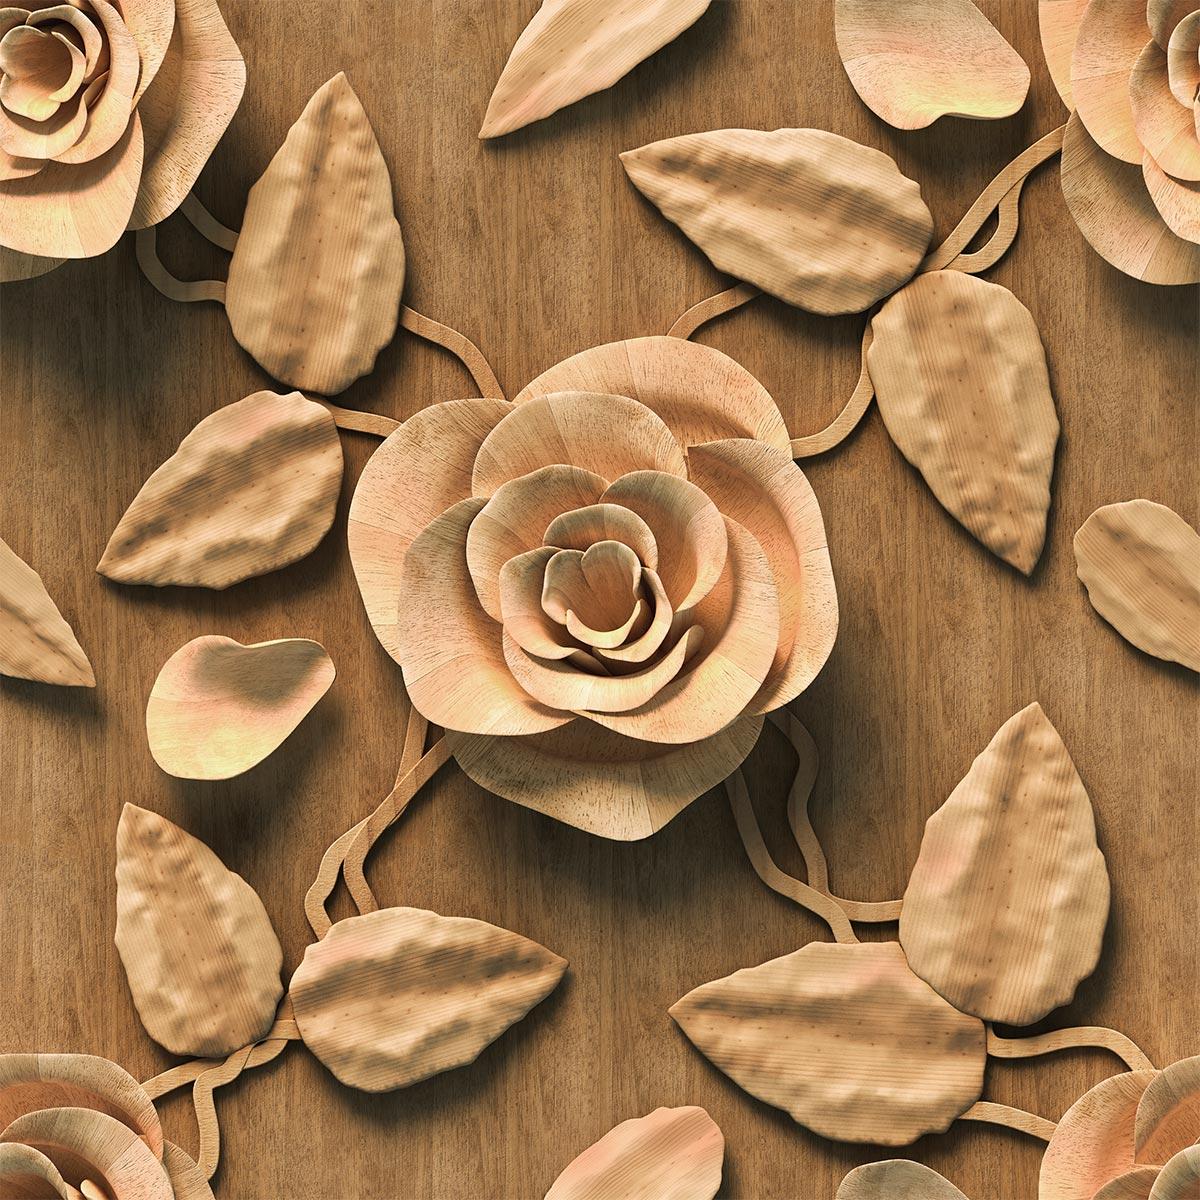 Papel de Parede 3D Madeira Folhas Floral Adesivo